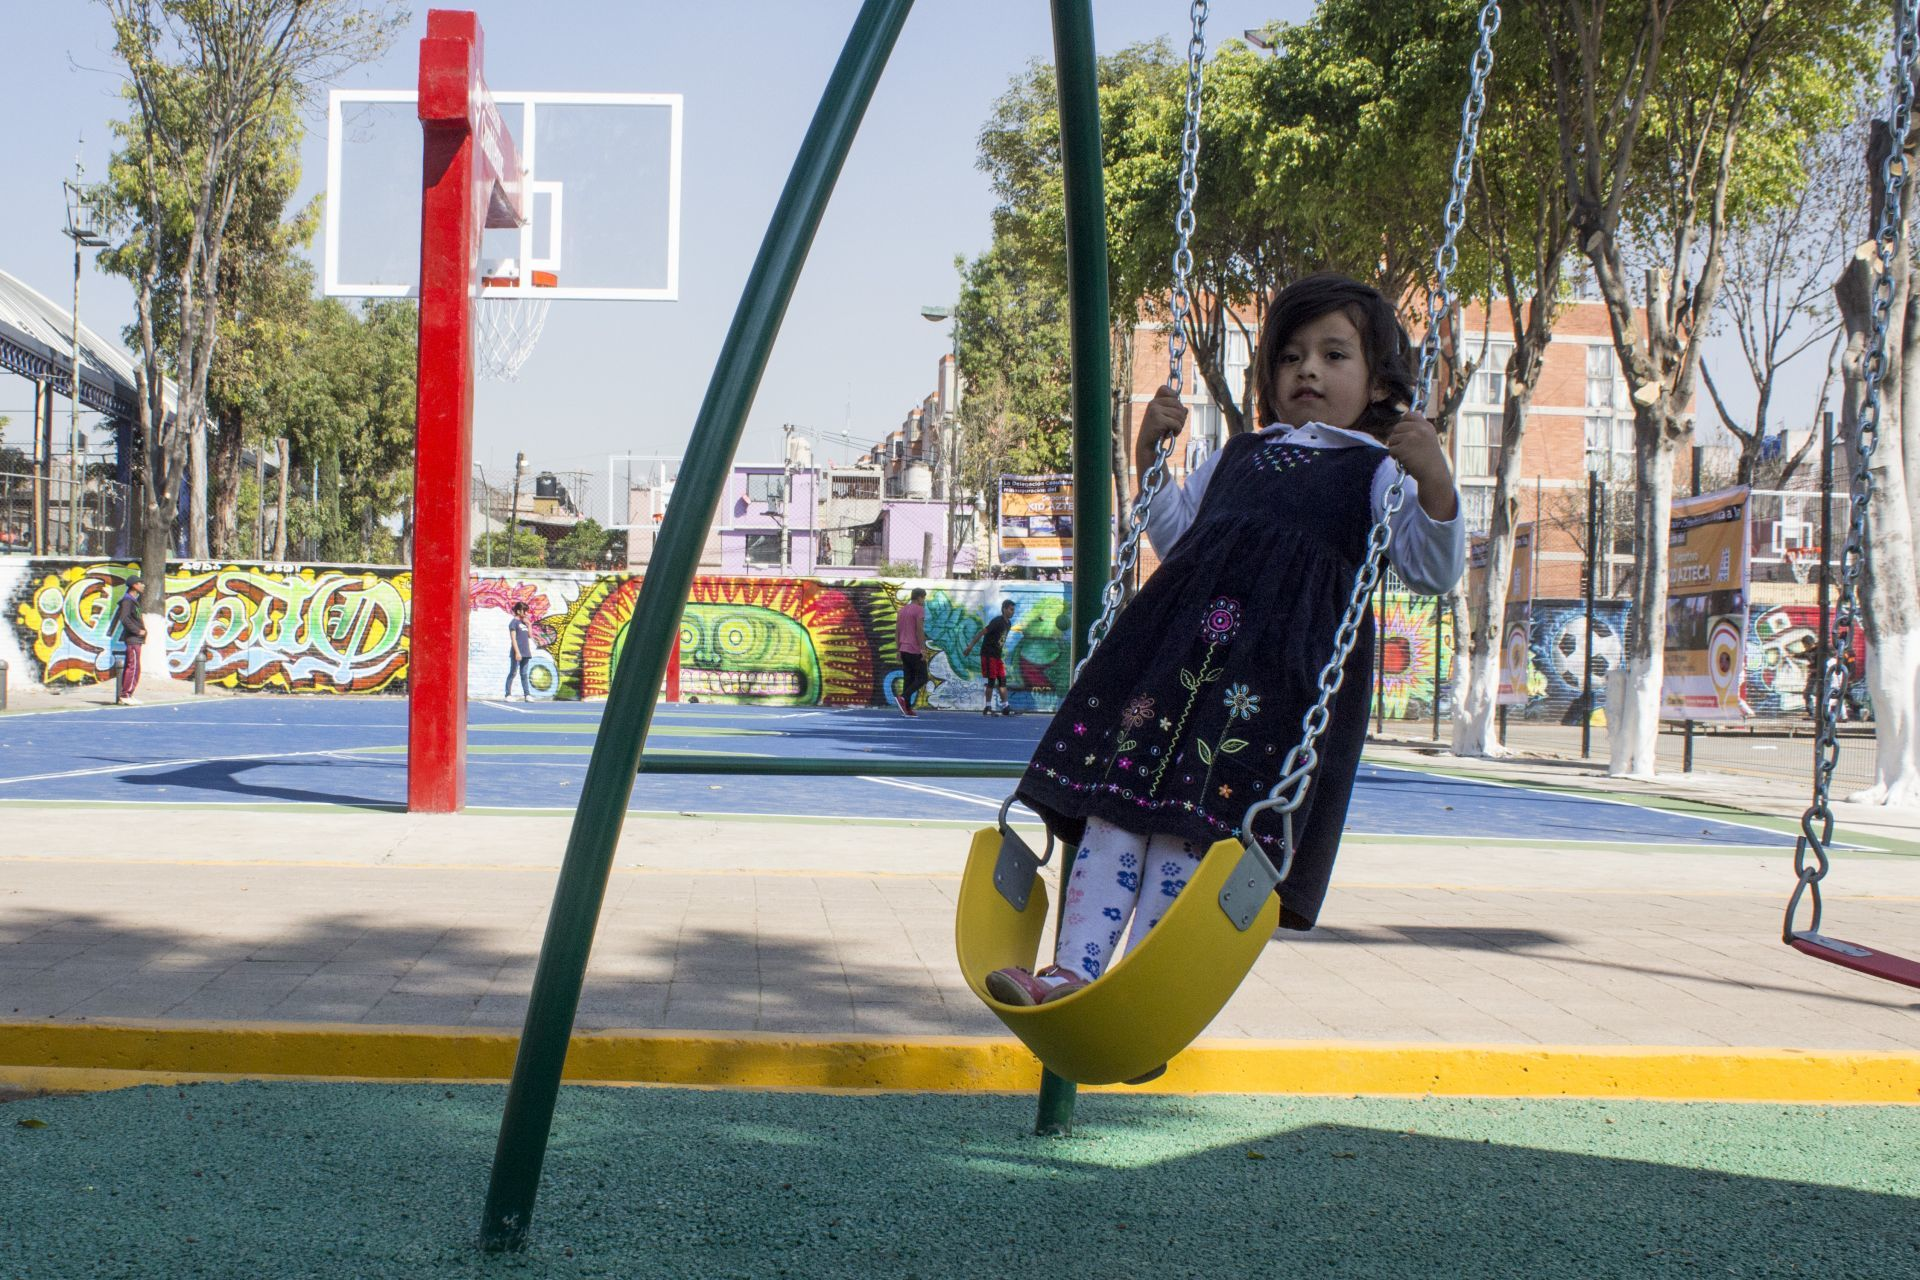 Nueva normalidad: Estas son las reglas con las que reabrirán los bosques de Chapultepec, Tlalpan, Aragón y parques públicos en México